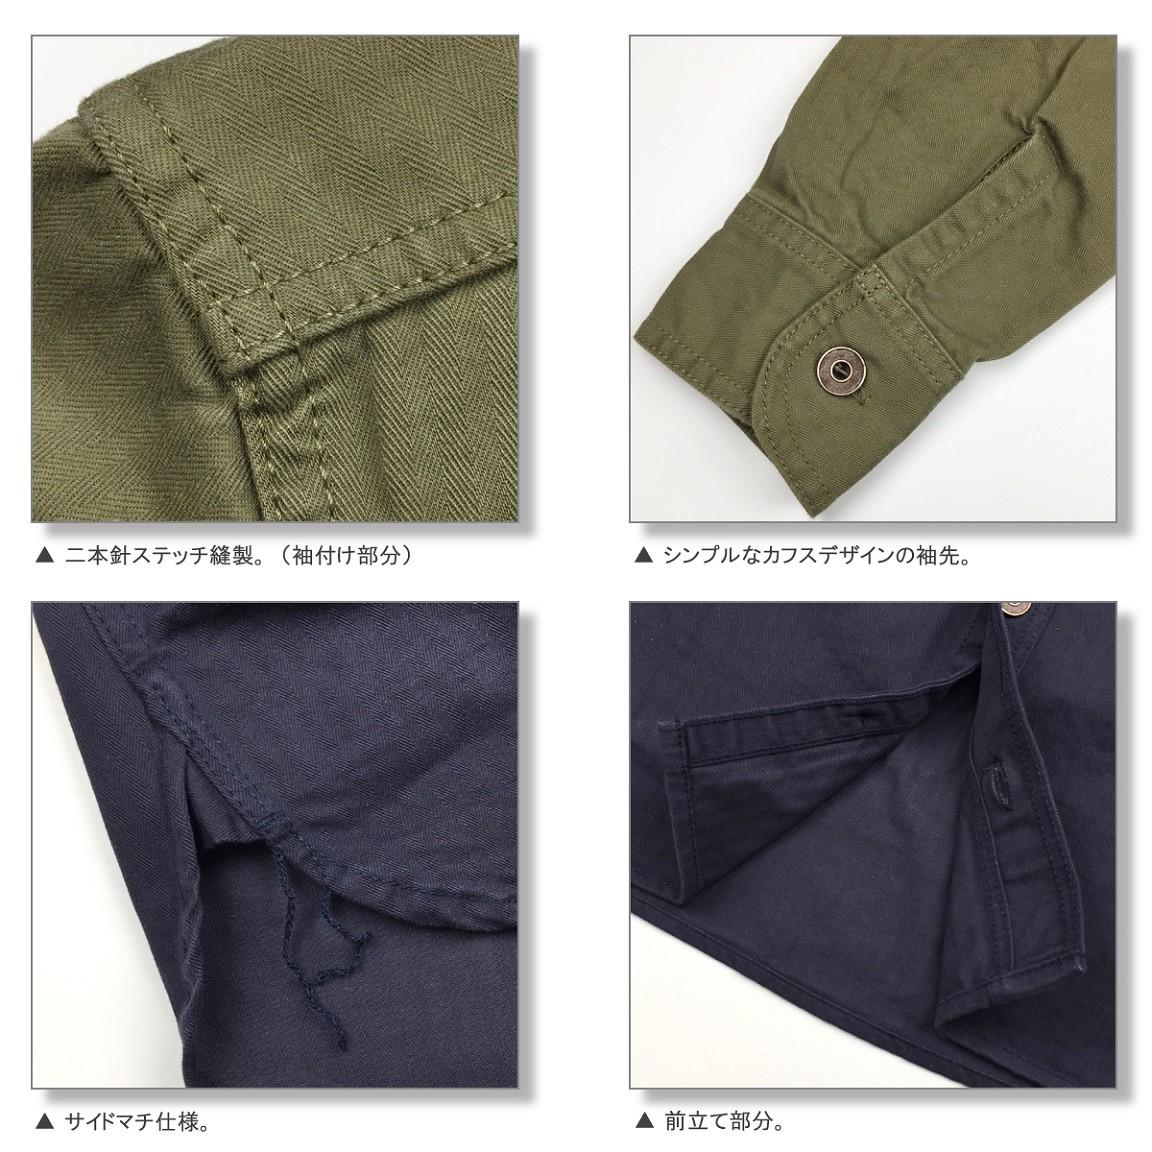 桃太郎ジーンズ 05-160 ワークシャツ 画像9